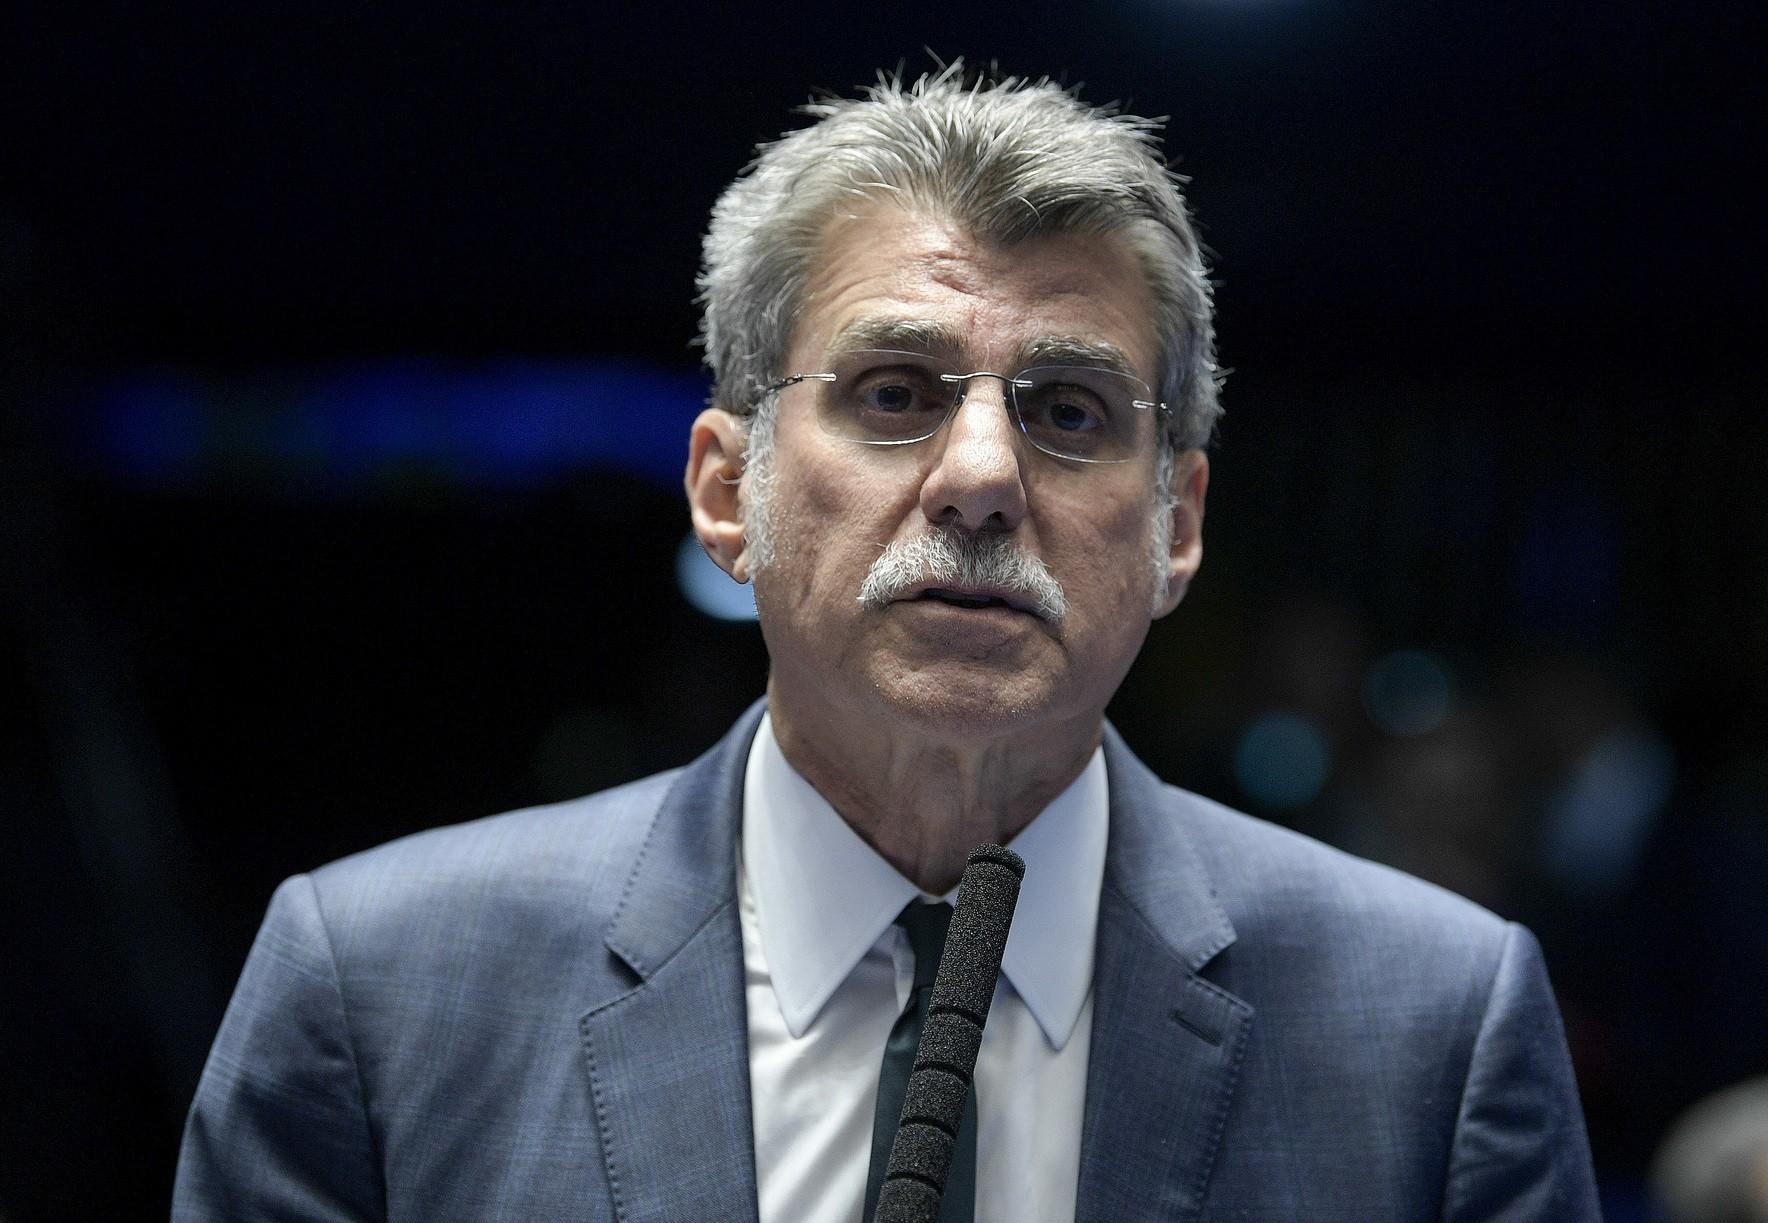 Romero Jucá e Sérgio Machado viram réus na Lava Jato por esquema de corrupção na Transpetro - Notícias - Plantão Diário